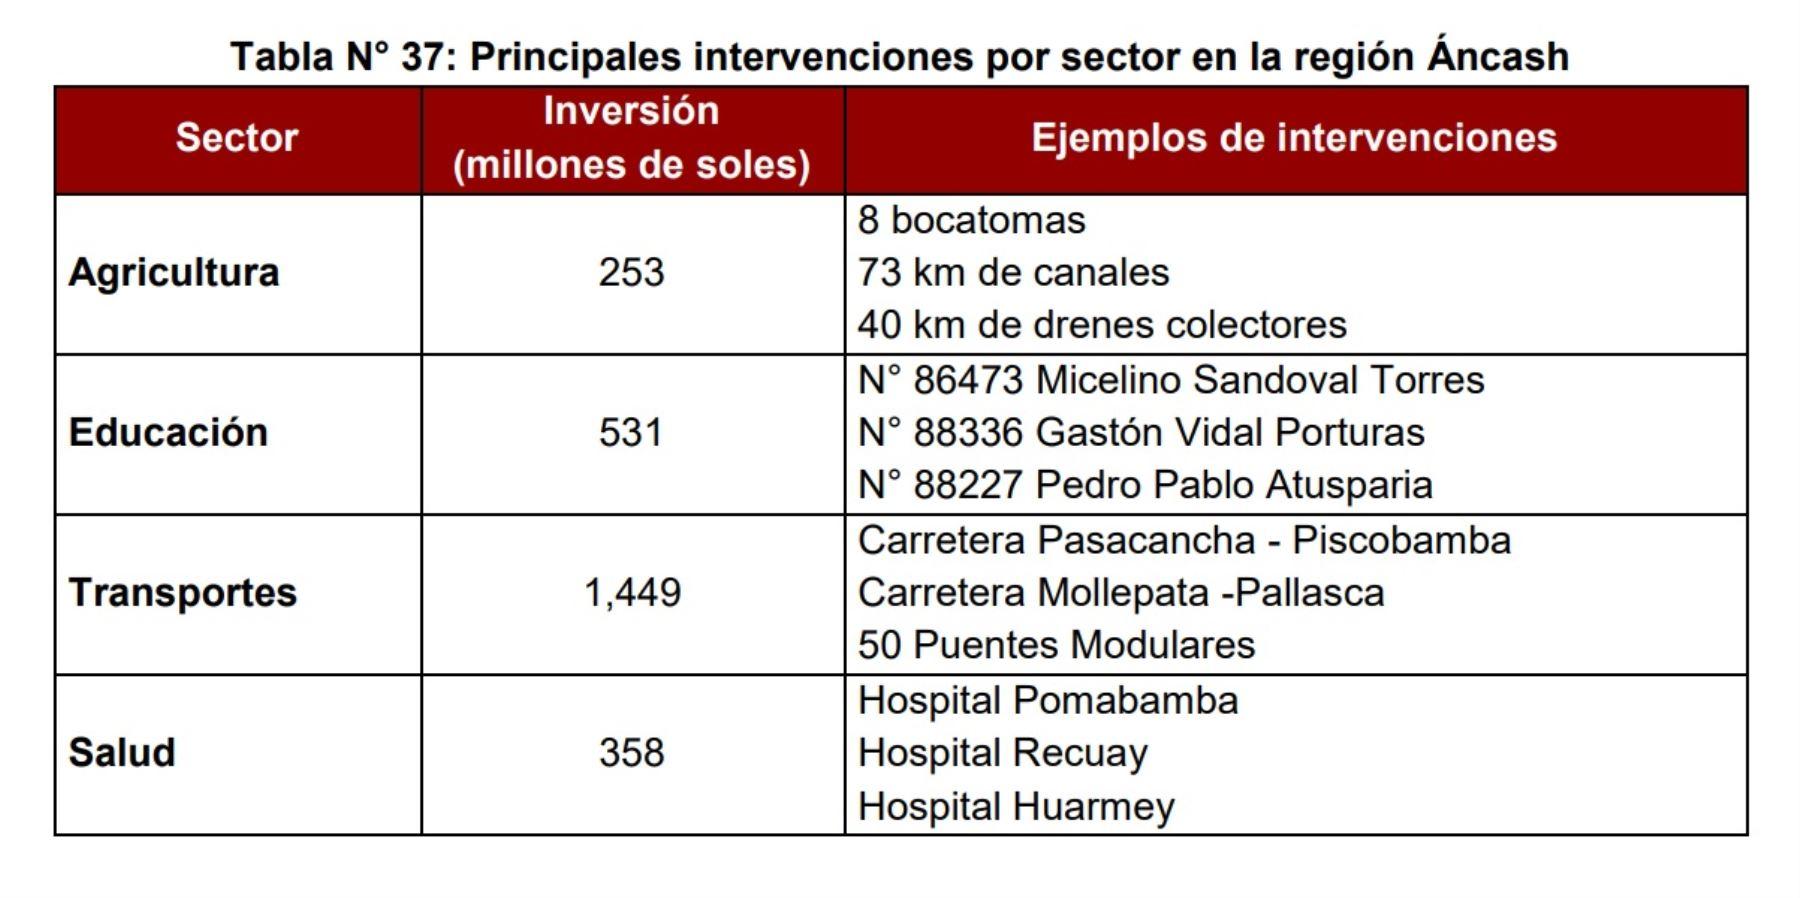 Principales intervenciones por sector en la región Áncash